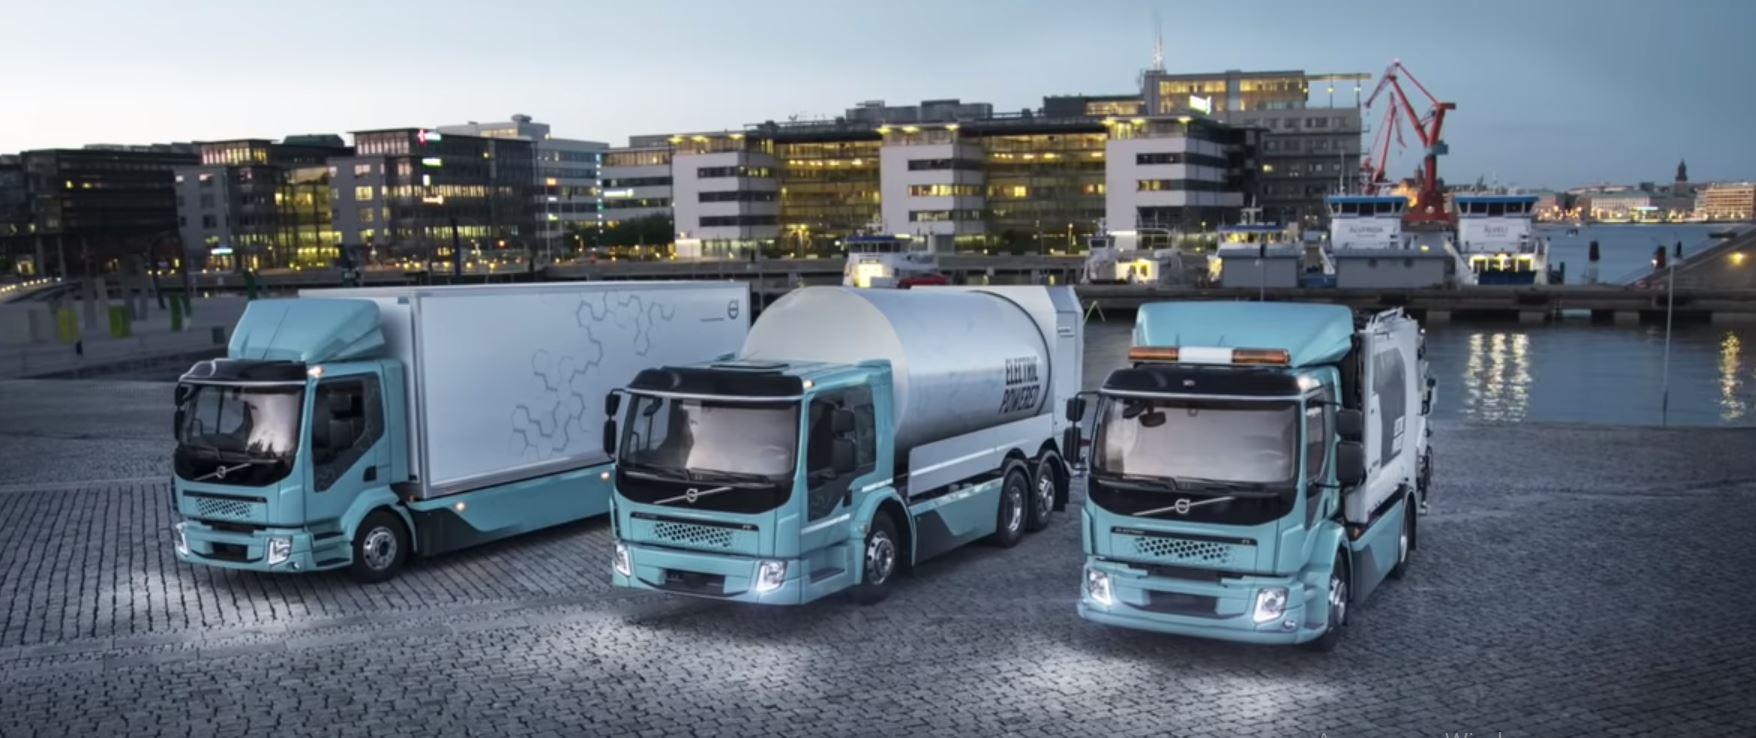 Создание гибридных грузовиков способных работать как на чистом топливе так и на электрической энергии сможет снизить выбросы в атмосферу